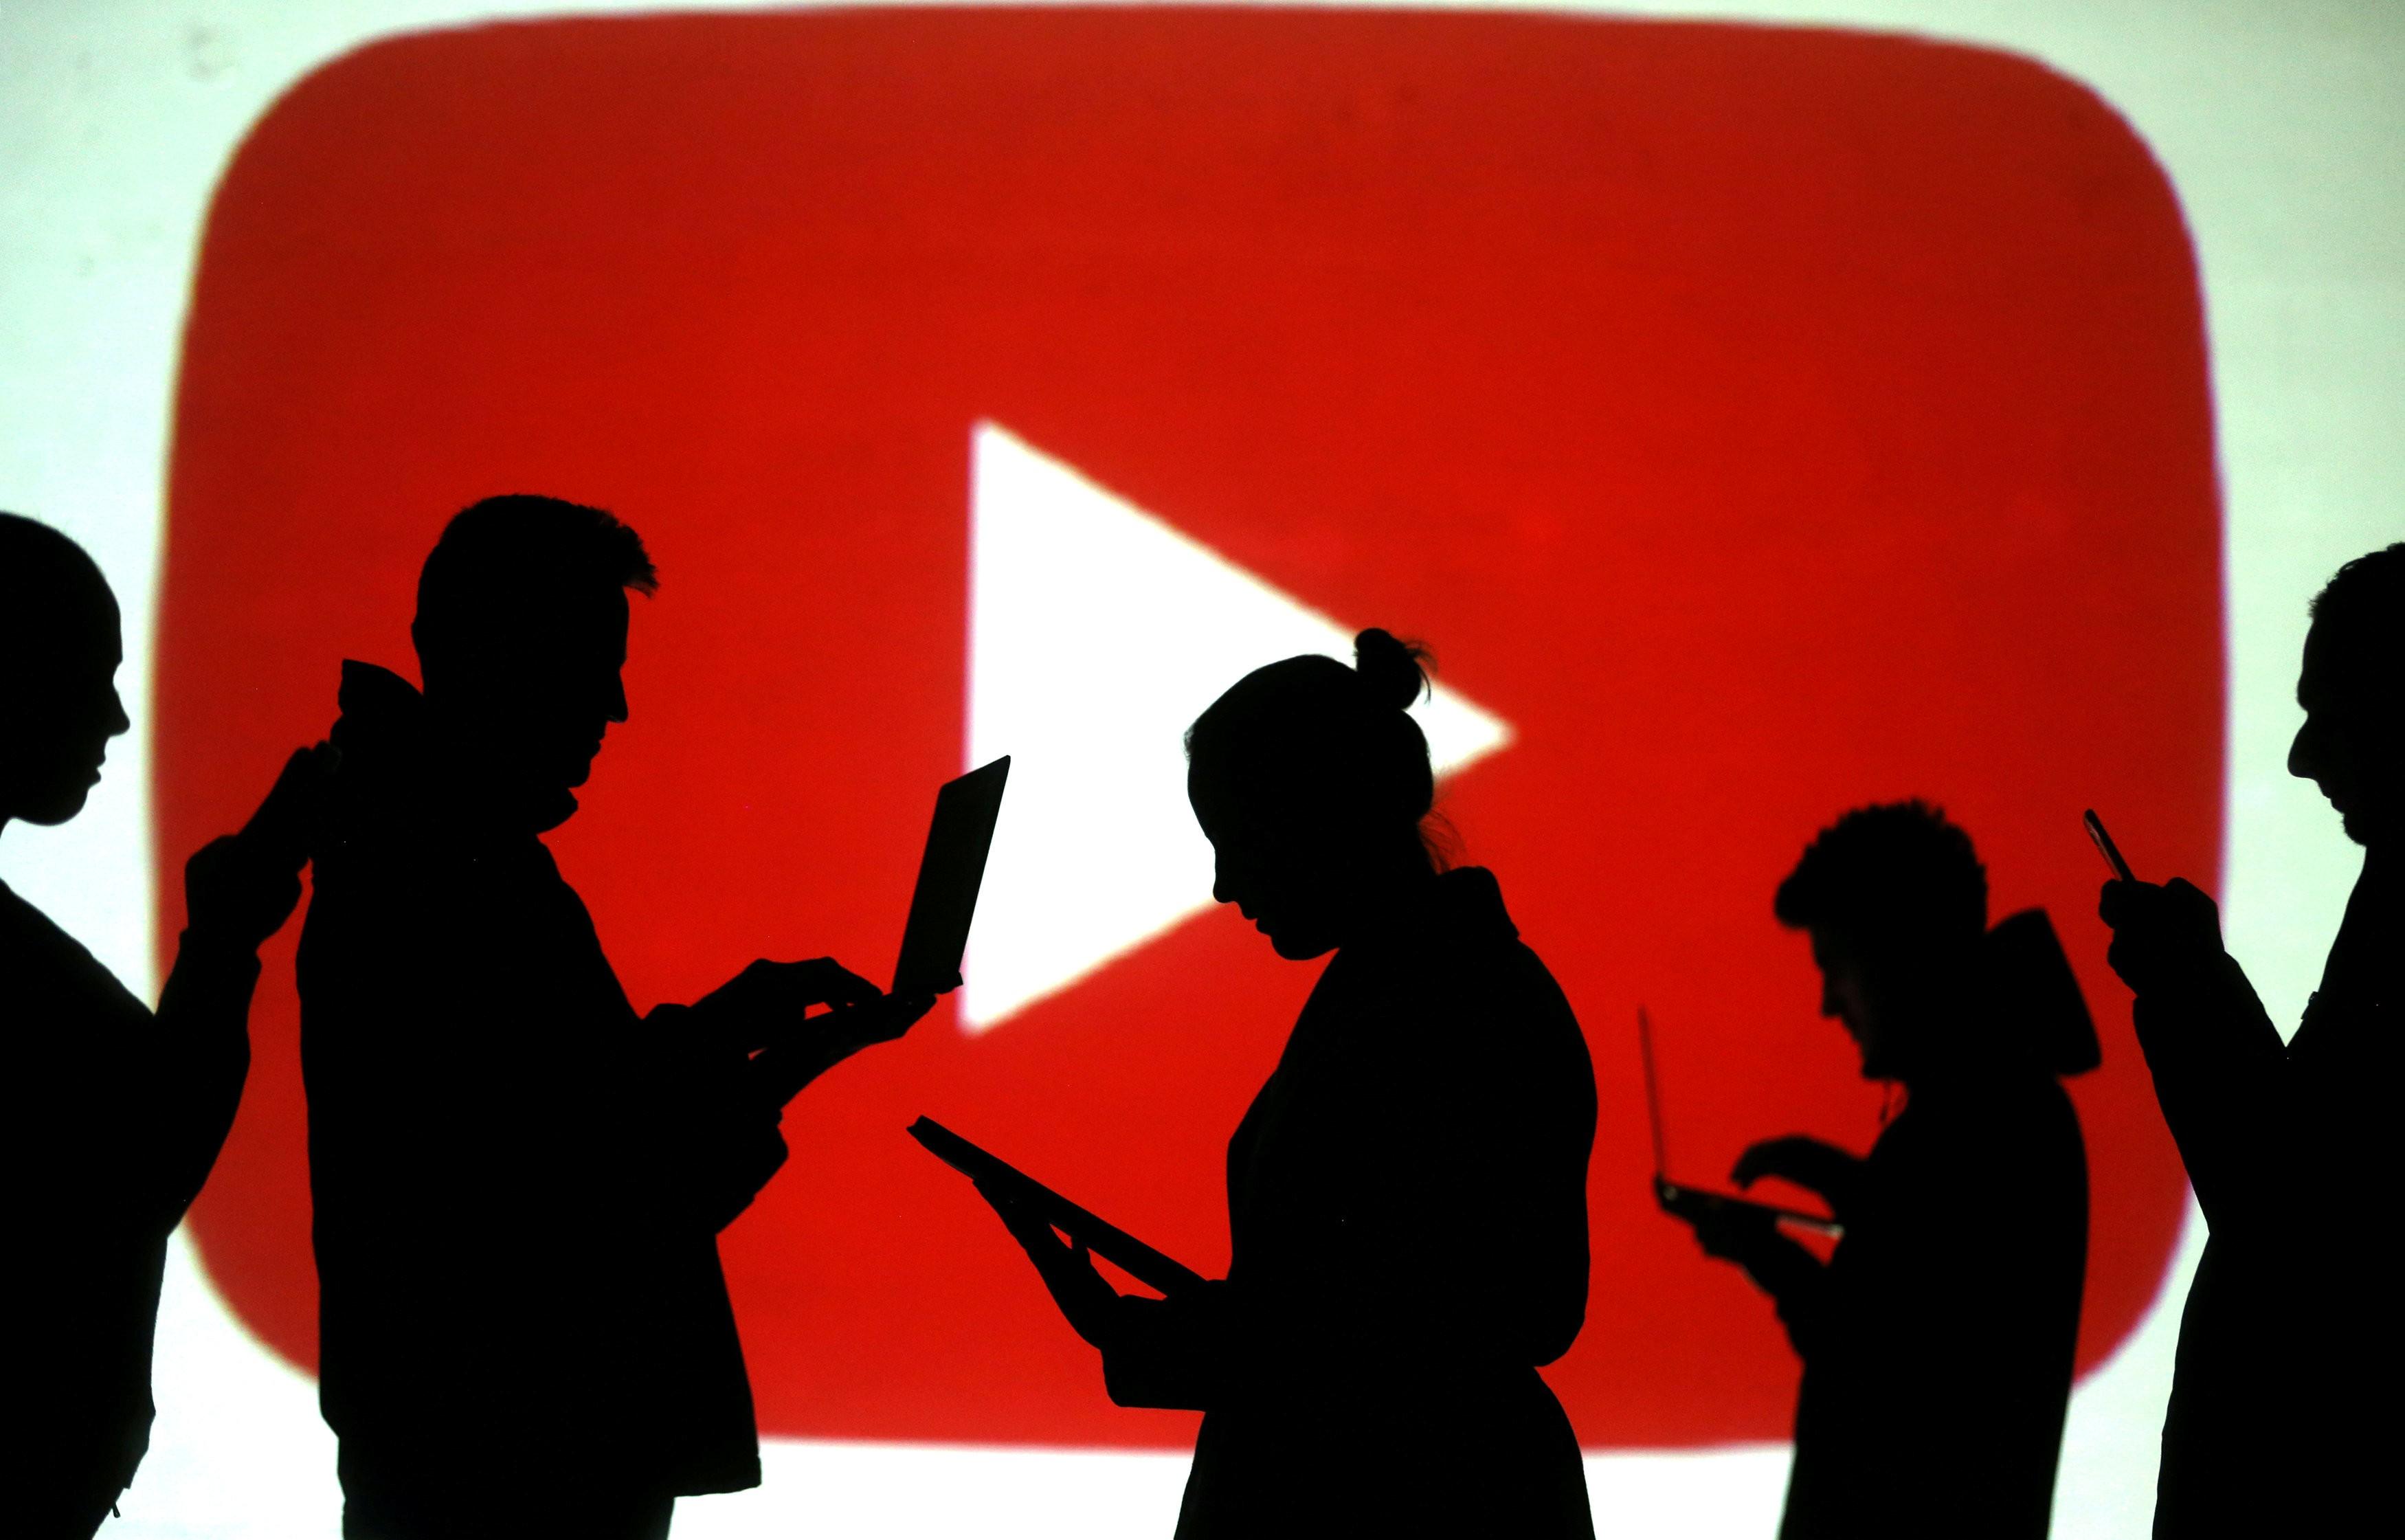 Transmissões ao vivo e vídeos longos estão entre conteúdos mais vistos no YouTube em 2020